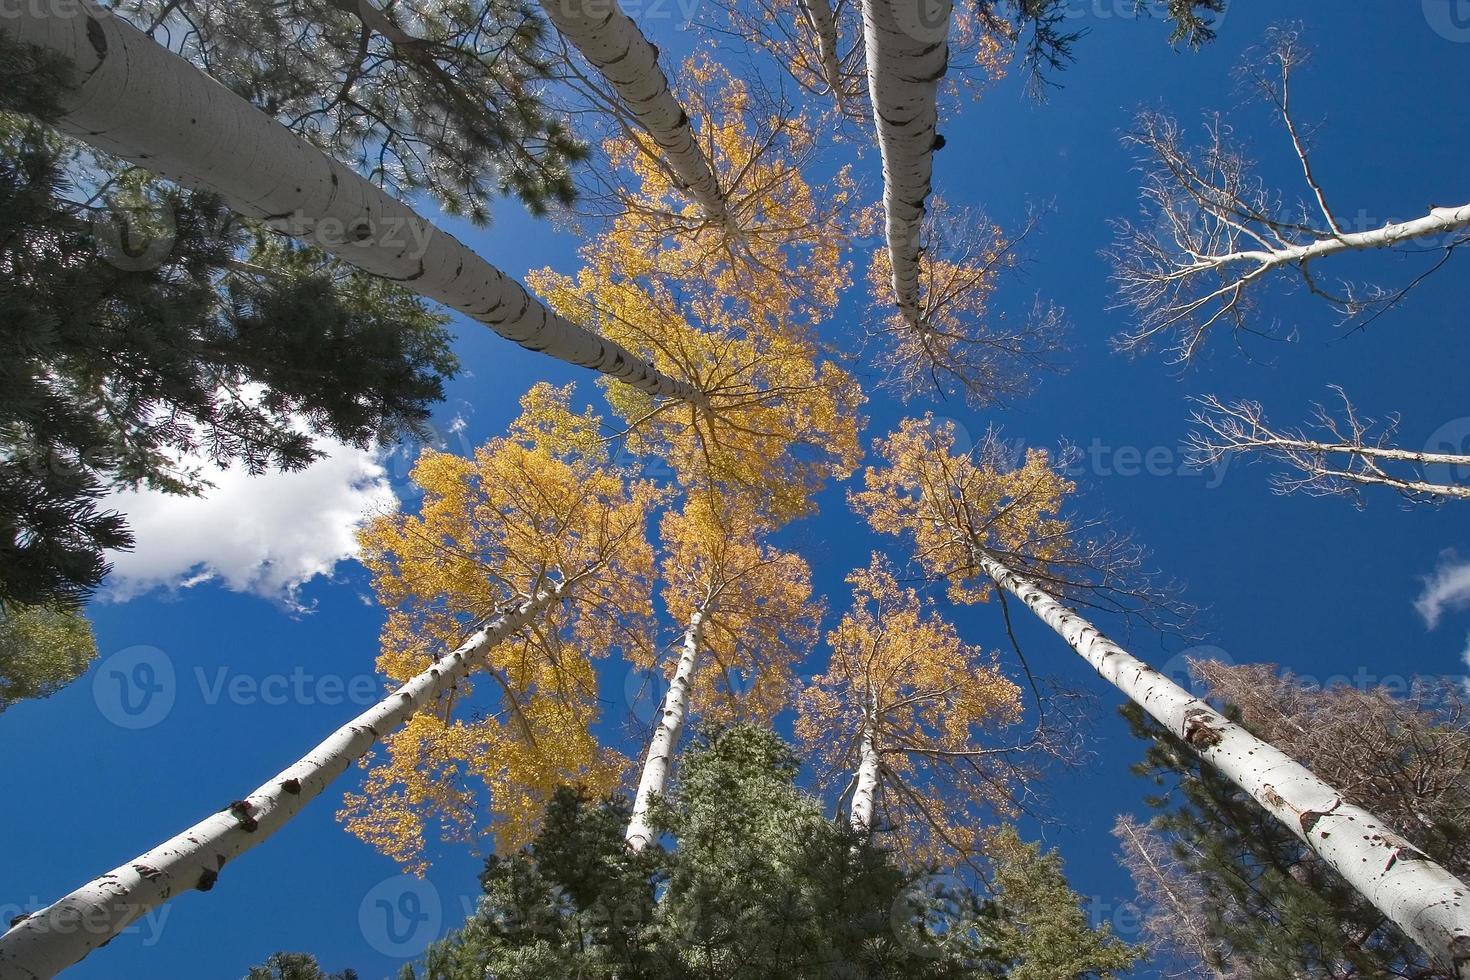 alberi e nuvole. foto